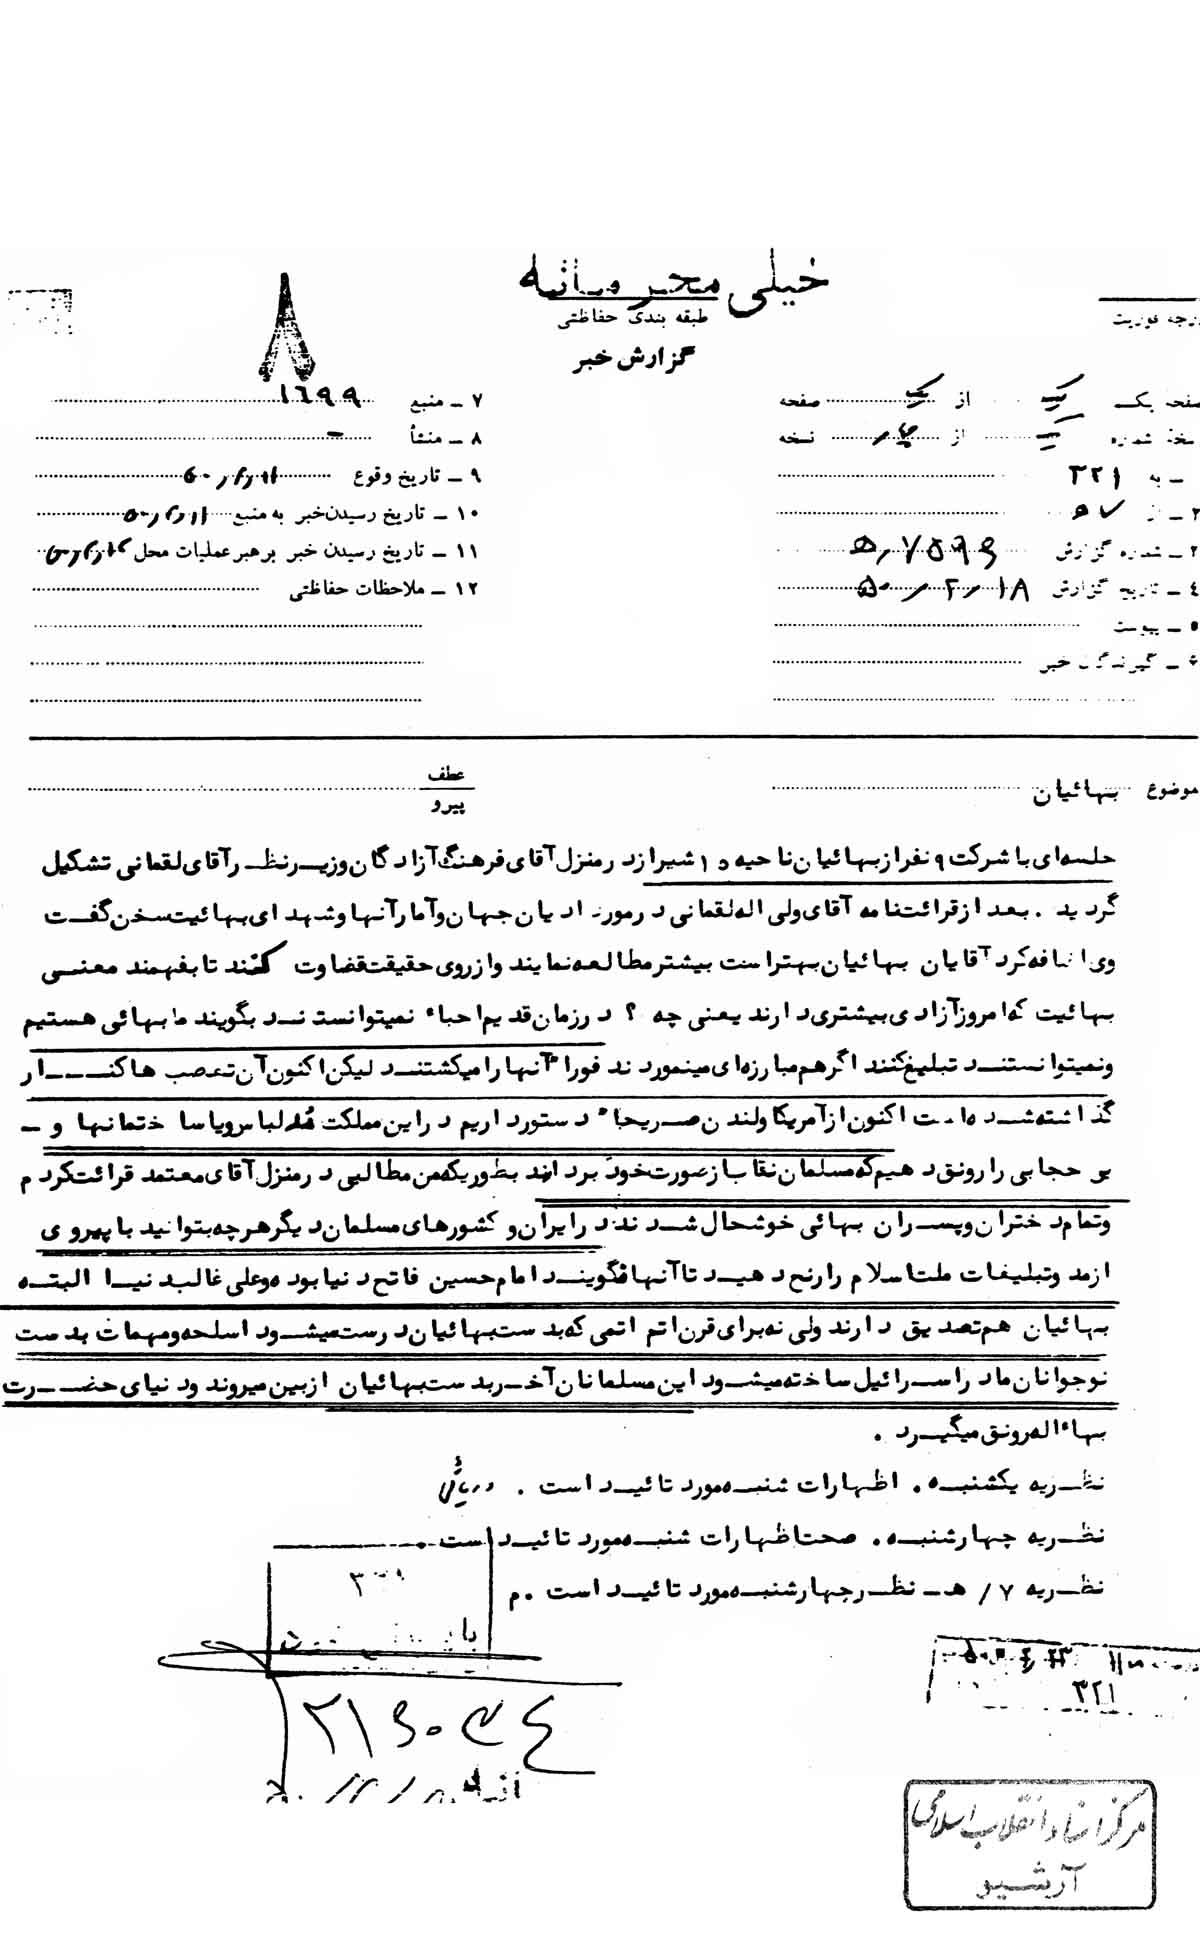 ارتباط بهائیان و صهیونیست+ اسناد